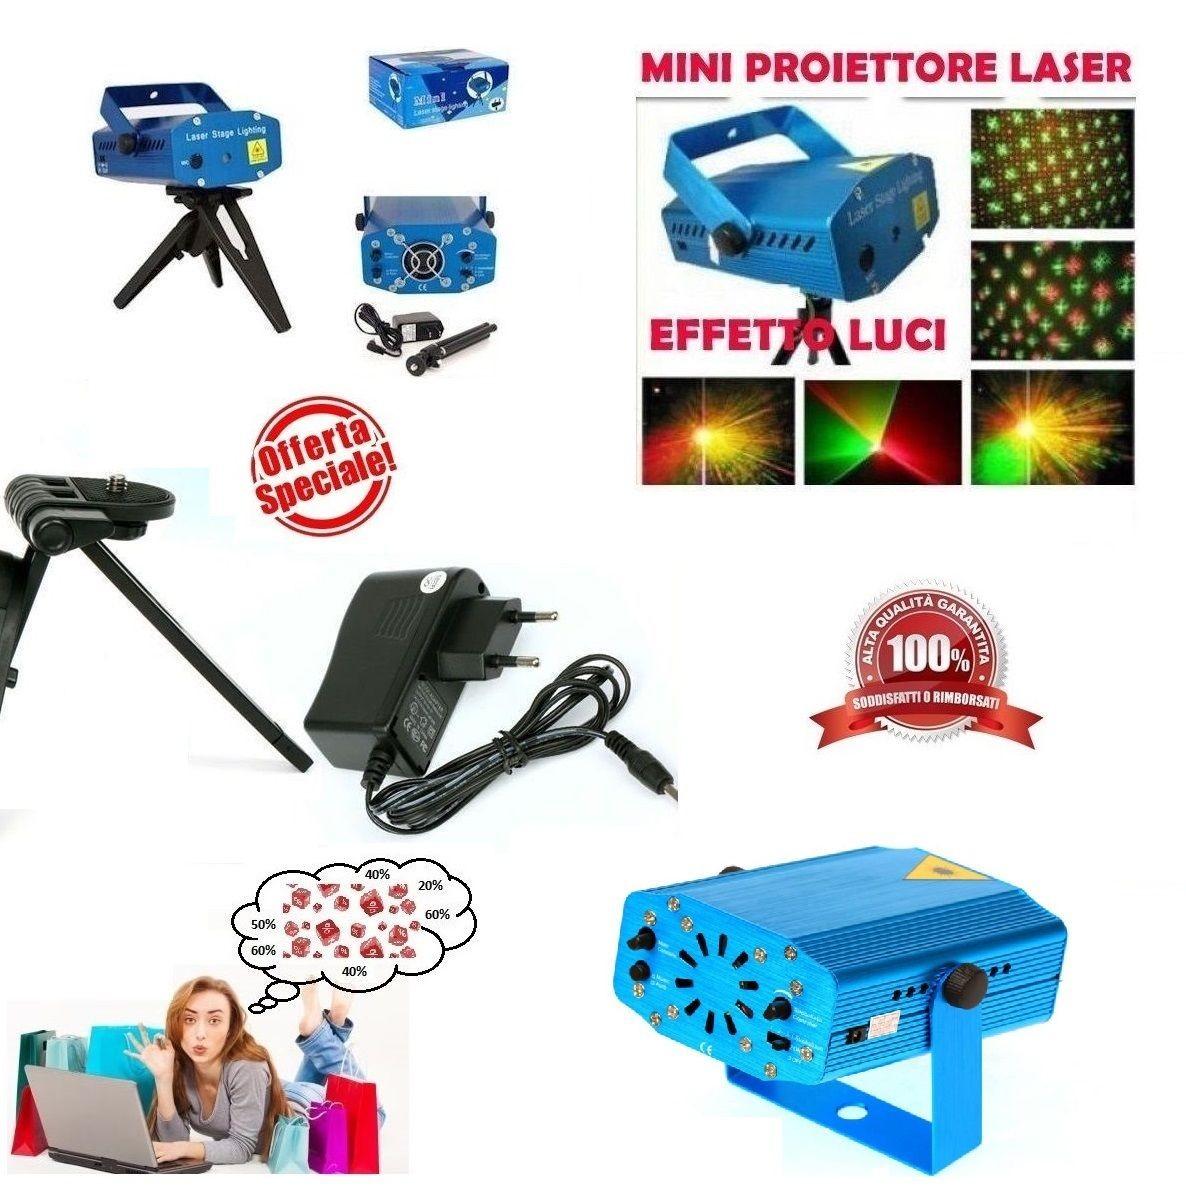 Mini Proiettore Laser Effetto Luci.Mini Proiettore Laser Effetto Luci Per Disco E Dj Discoteca Feste